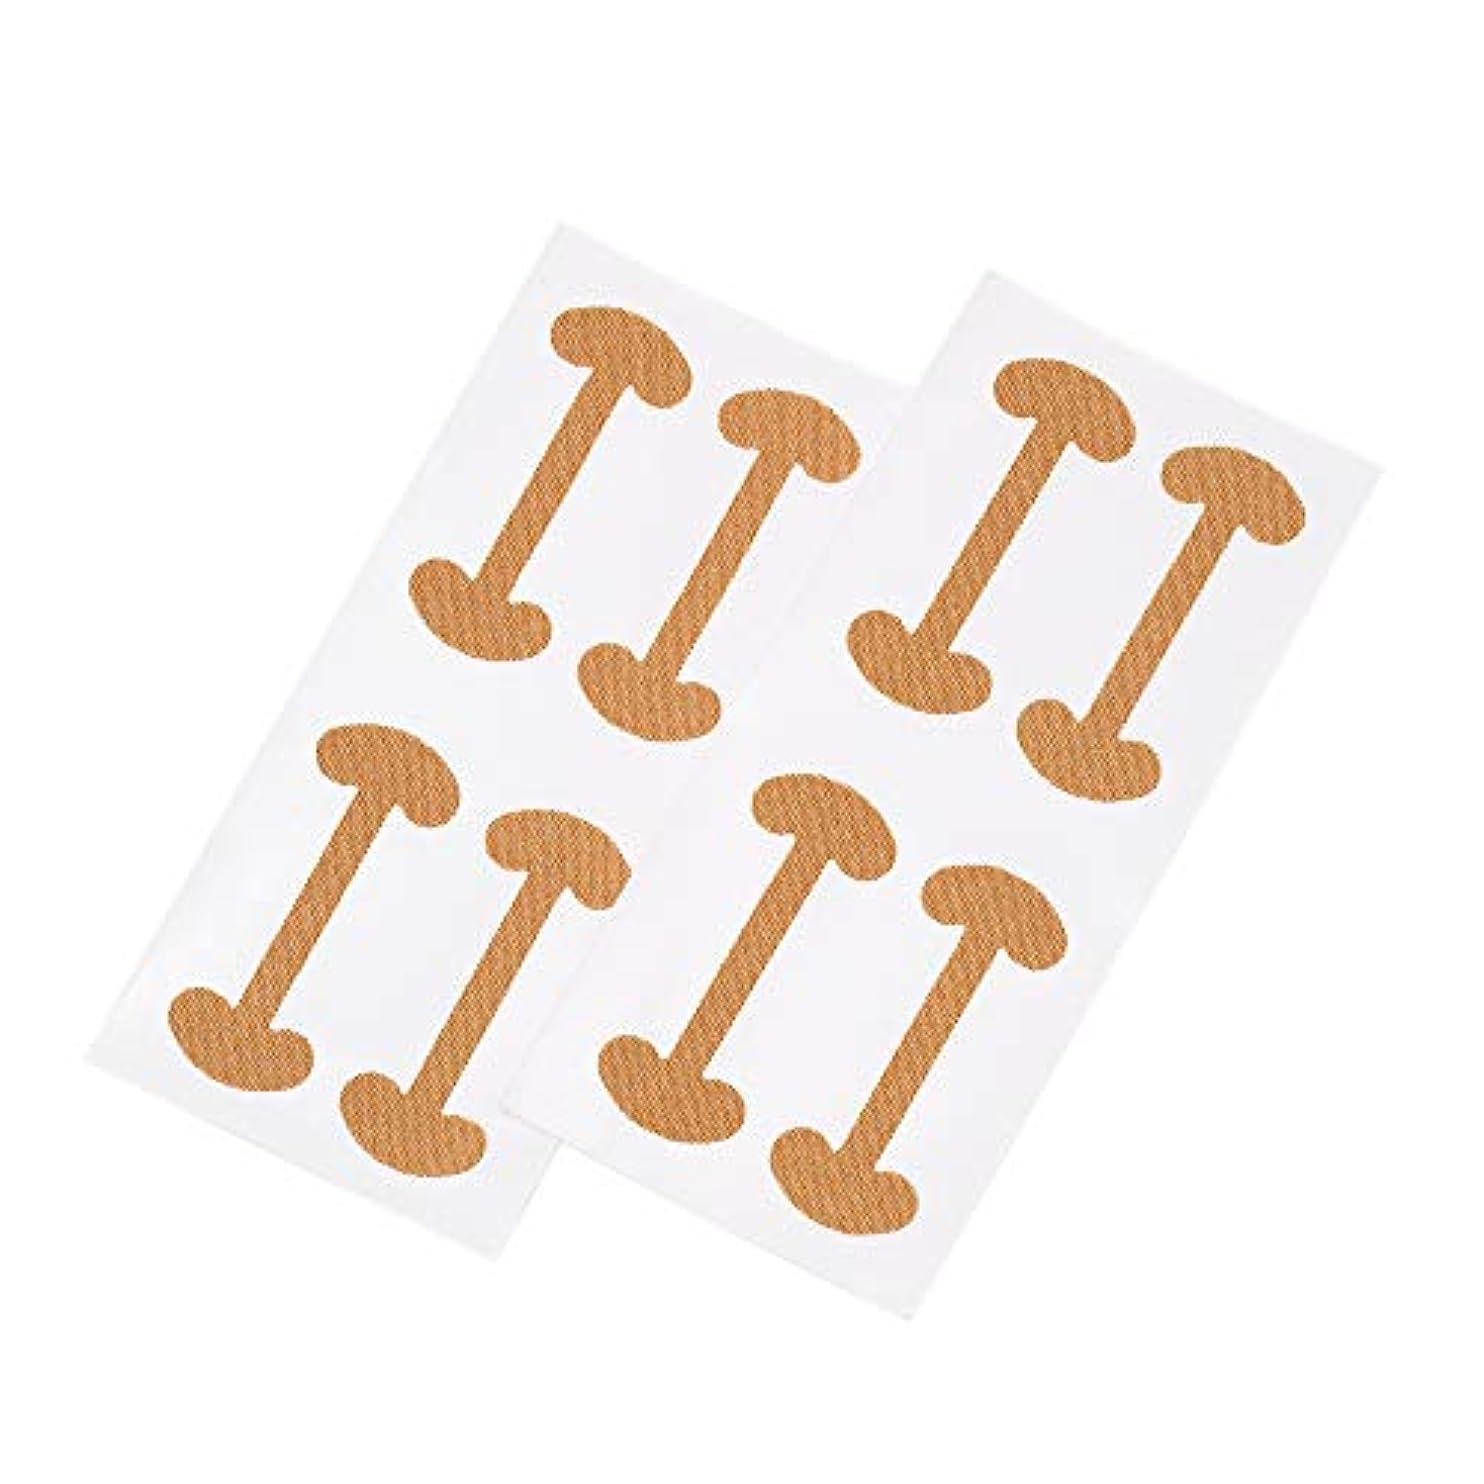 呼吸する不足の前でDecdeal 8ピース 巻き爪 ケアテープ まきずめ 矯正 巻きヅメ 矯正 爪の治療 爪の矯正パッチ 爪リフタ